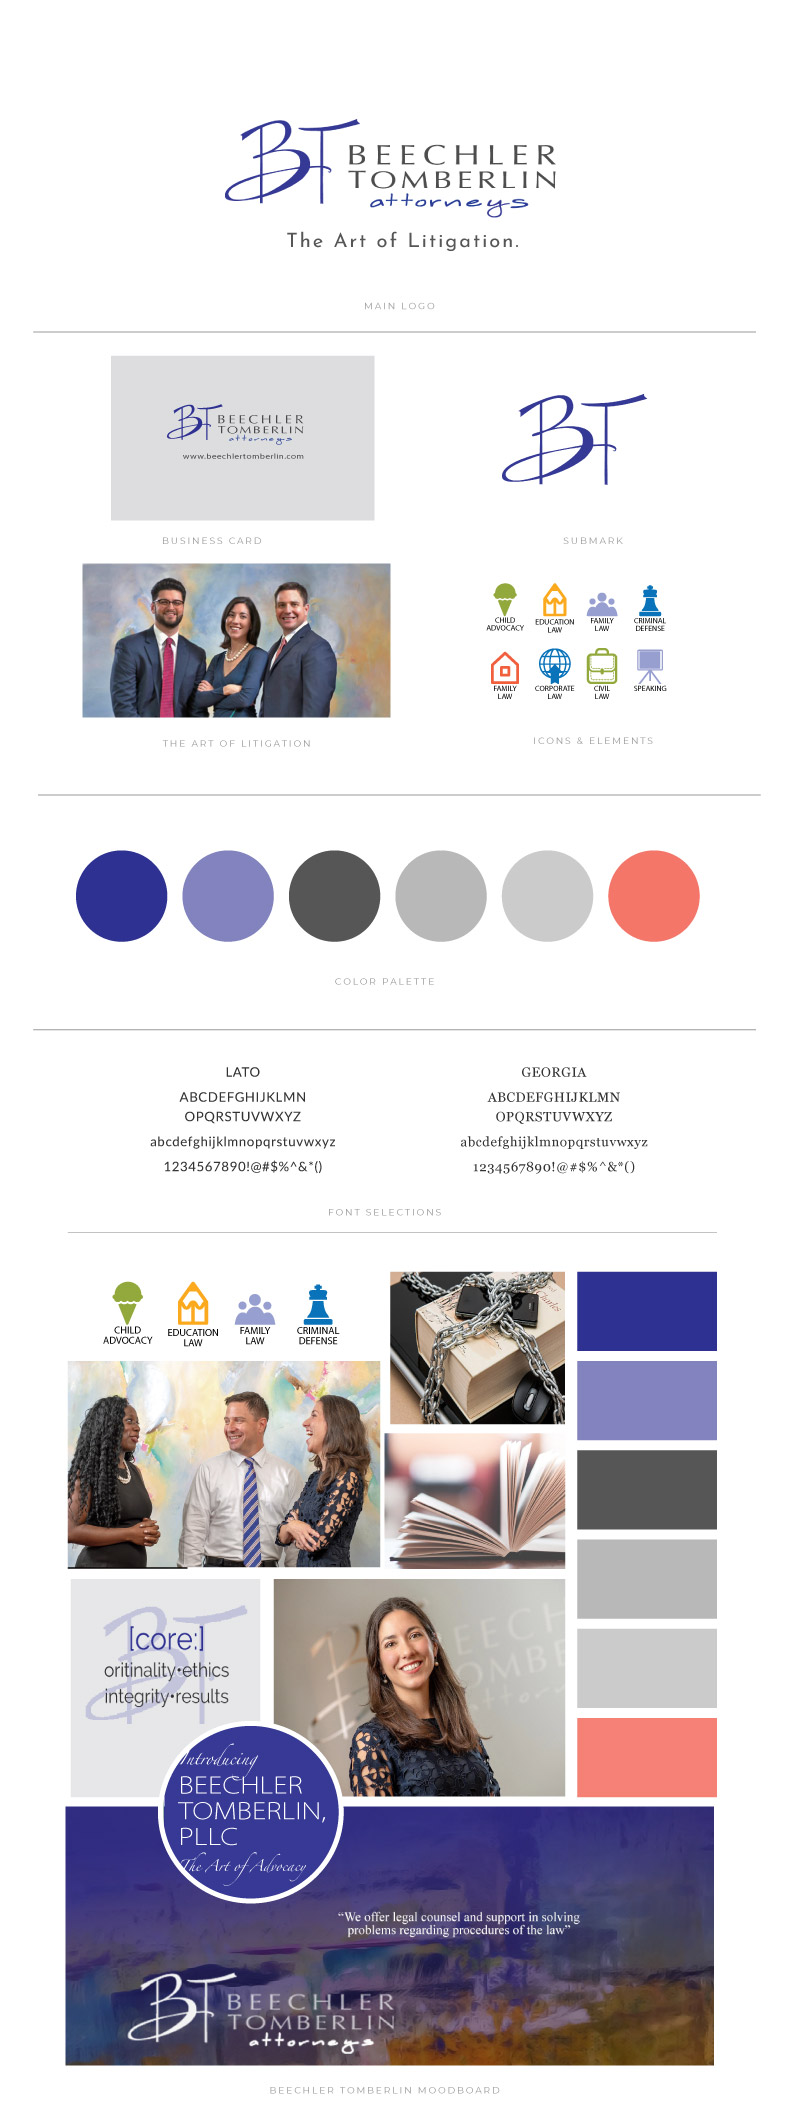 Beechler Tomberlin website by Sinclair Loeffler Coaching Branding & Design